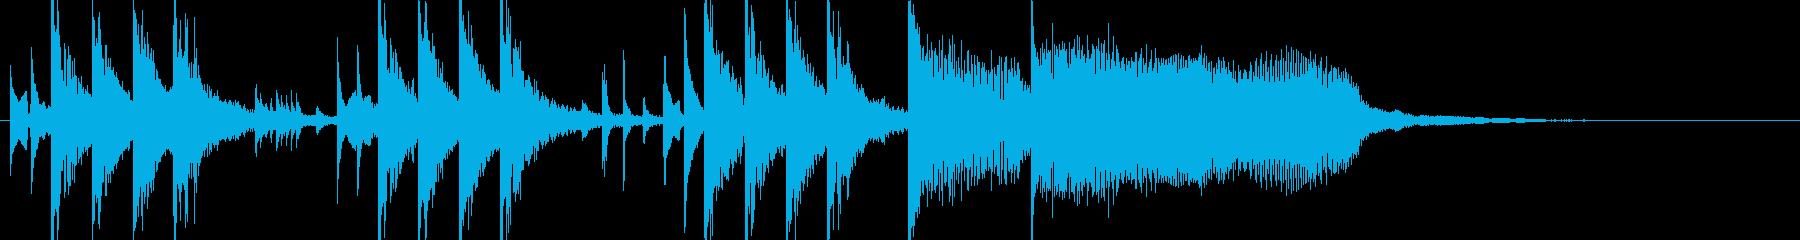 ジングル:テクノポップ・EDM6の再生済みの波形